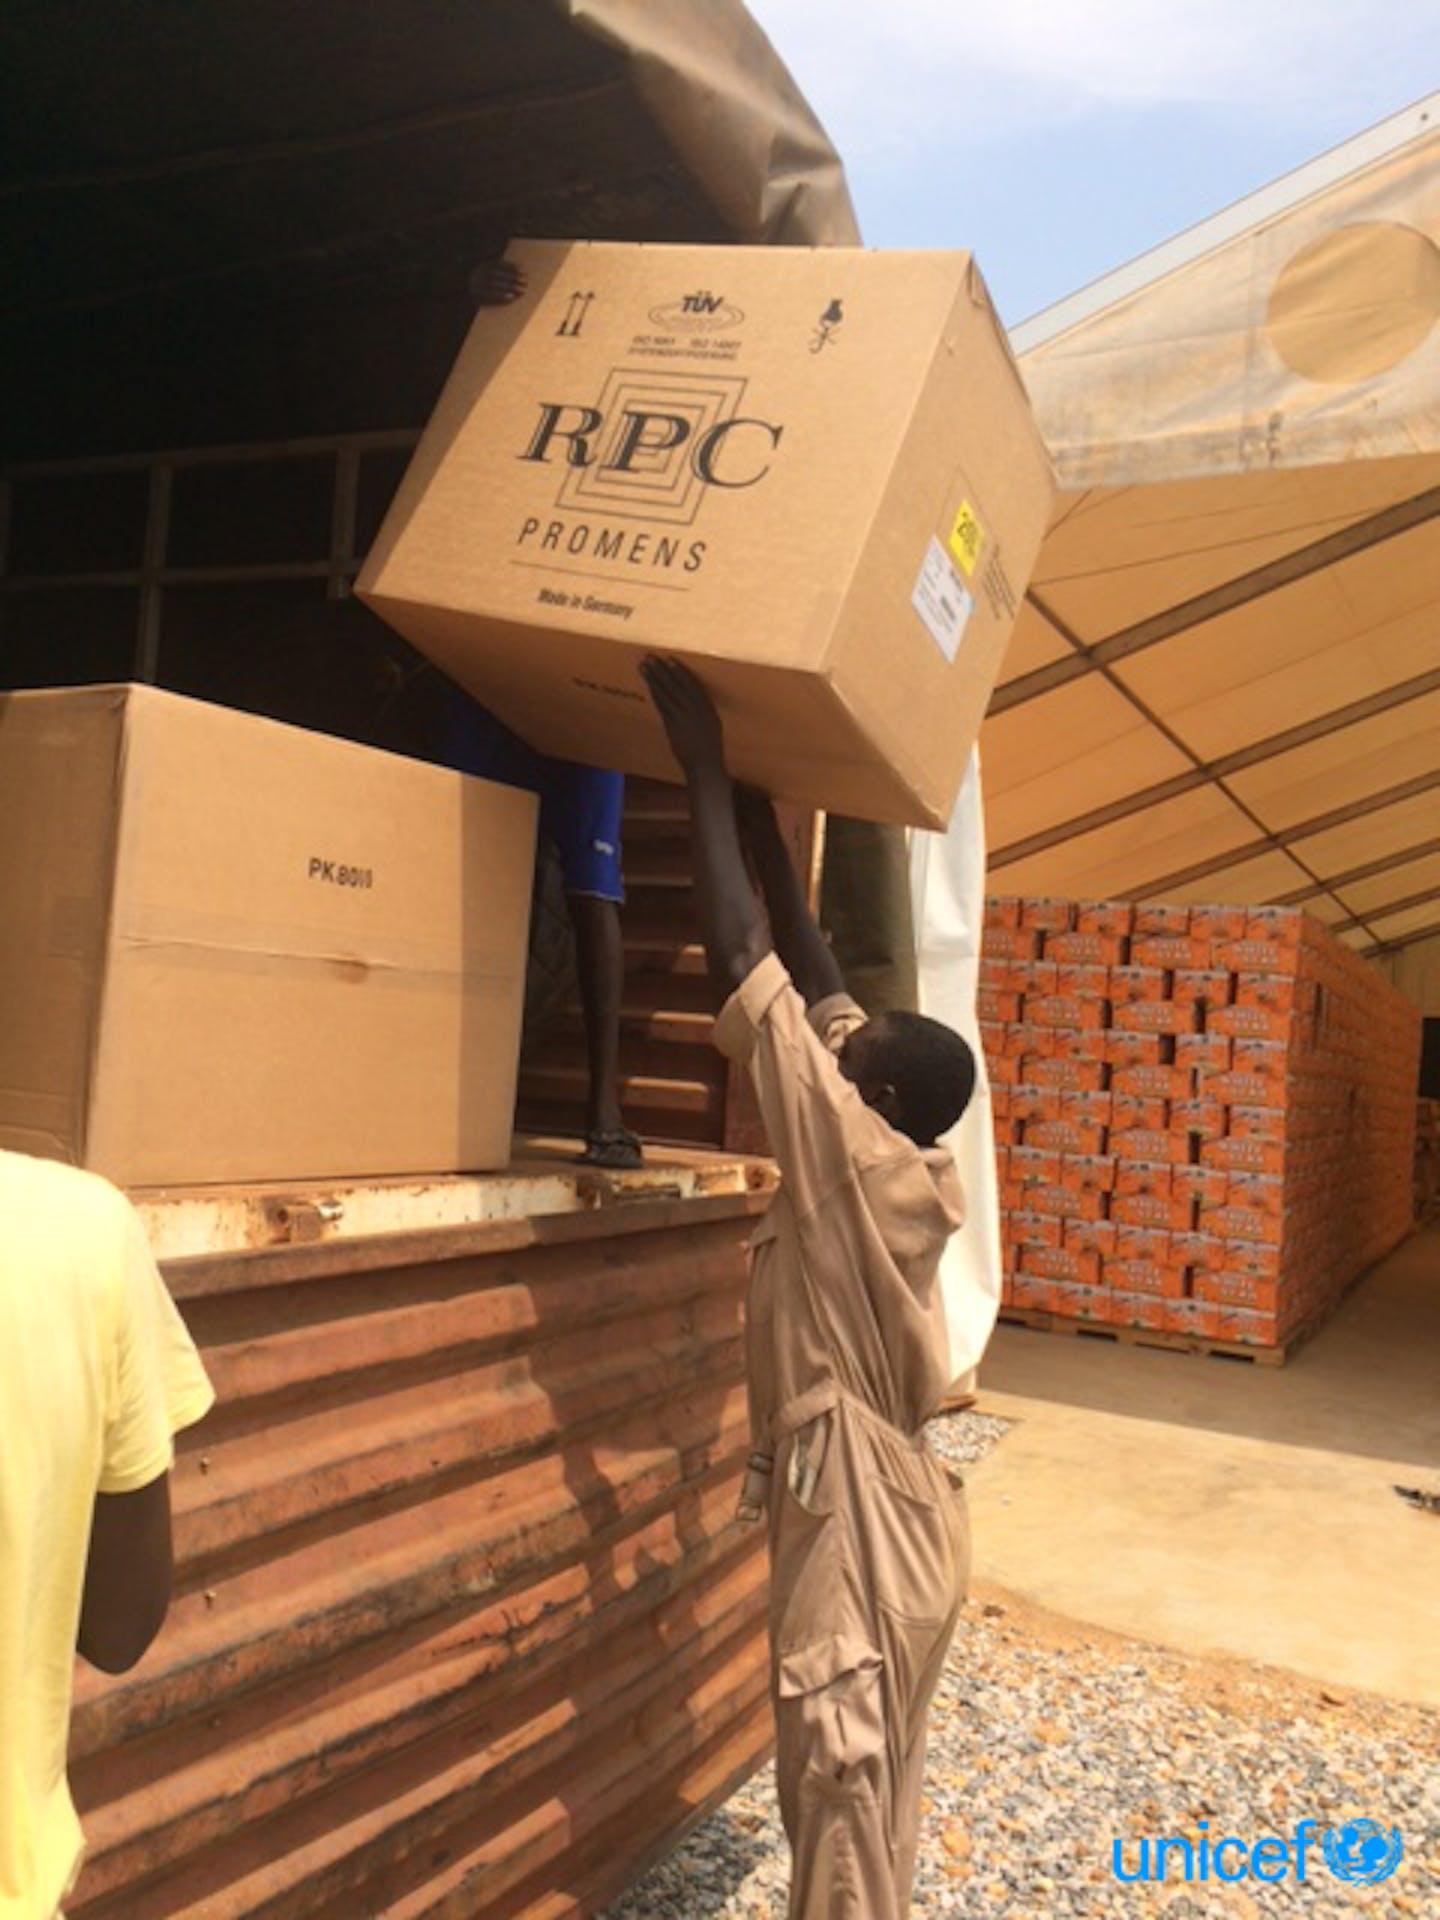 Aiuti unicef caricati sui camion con destinazione Juba © UNICEF